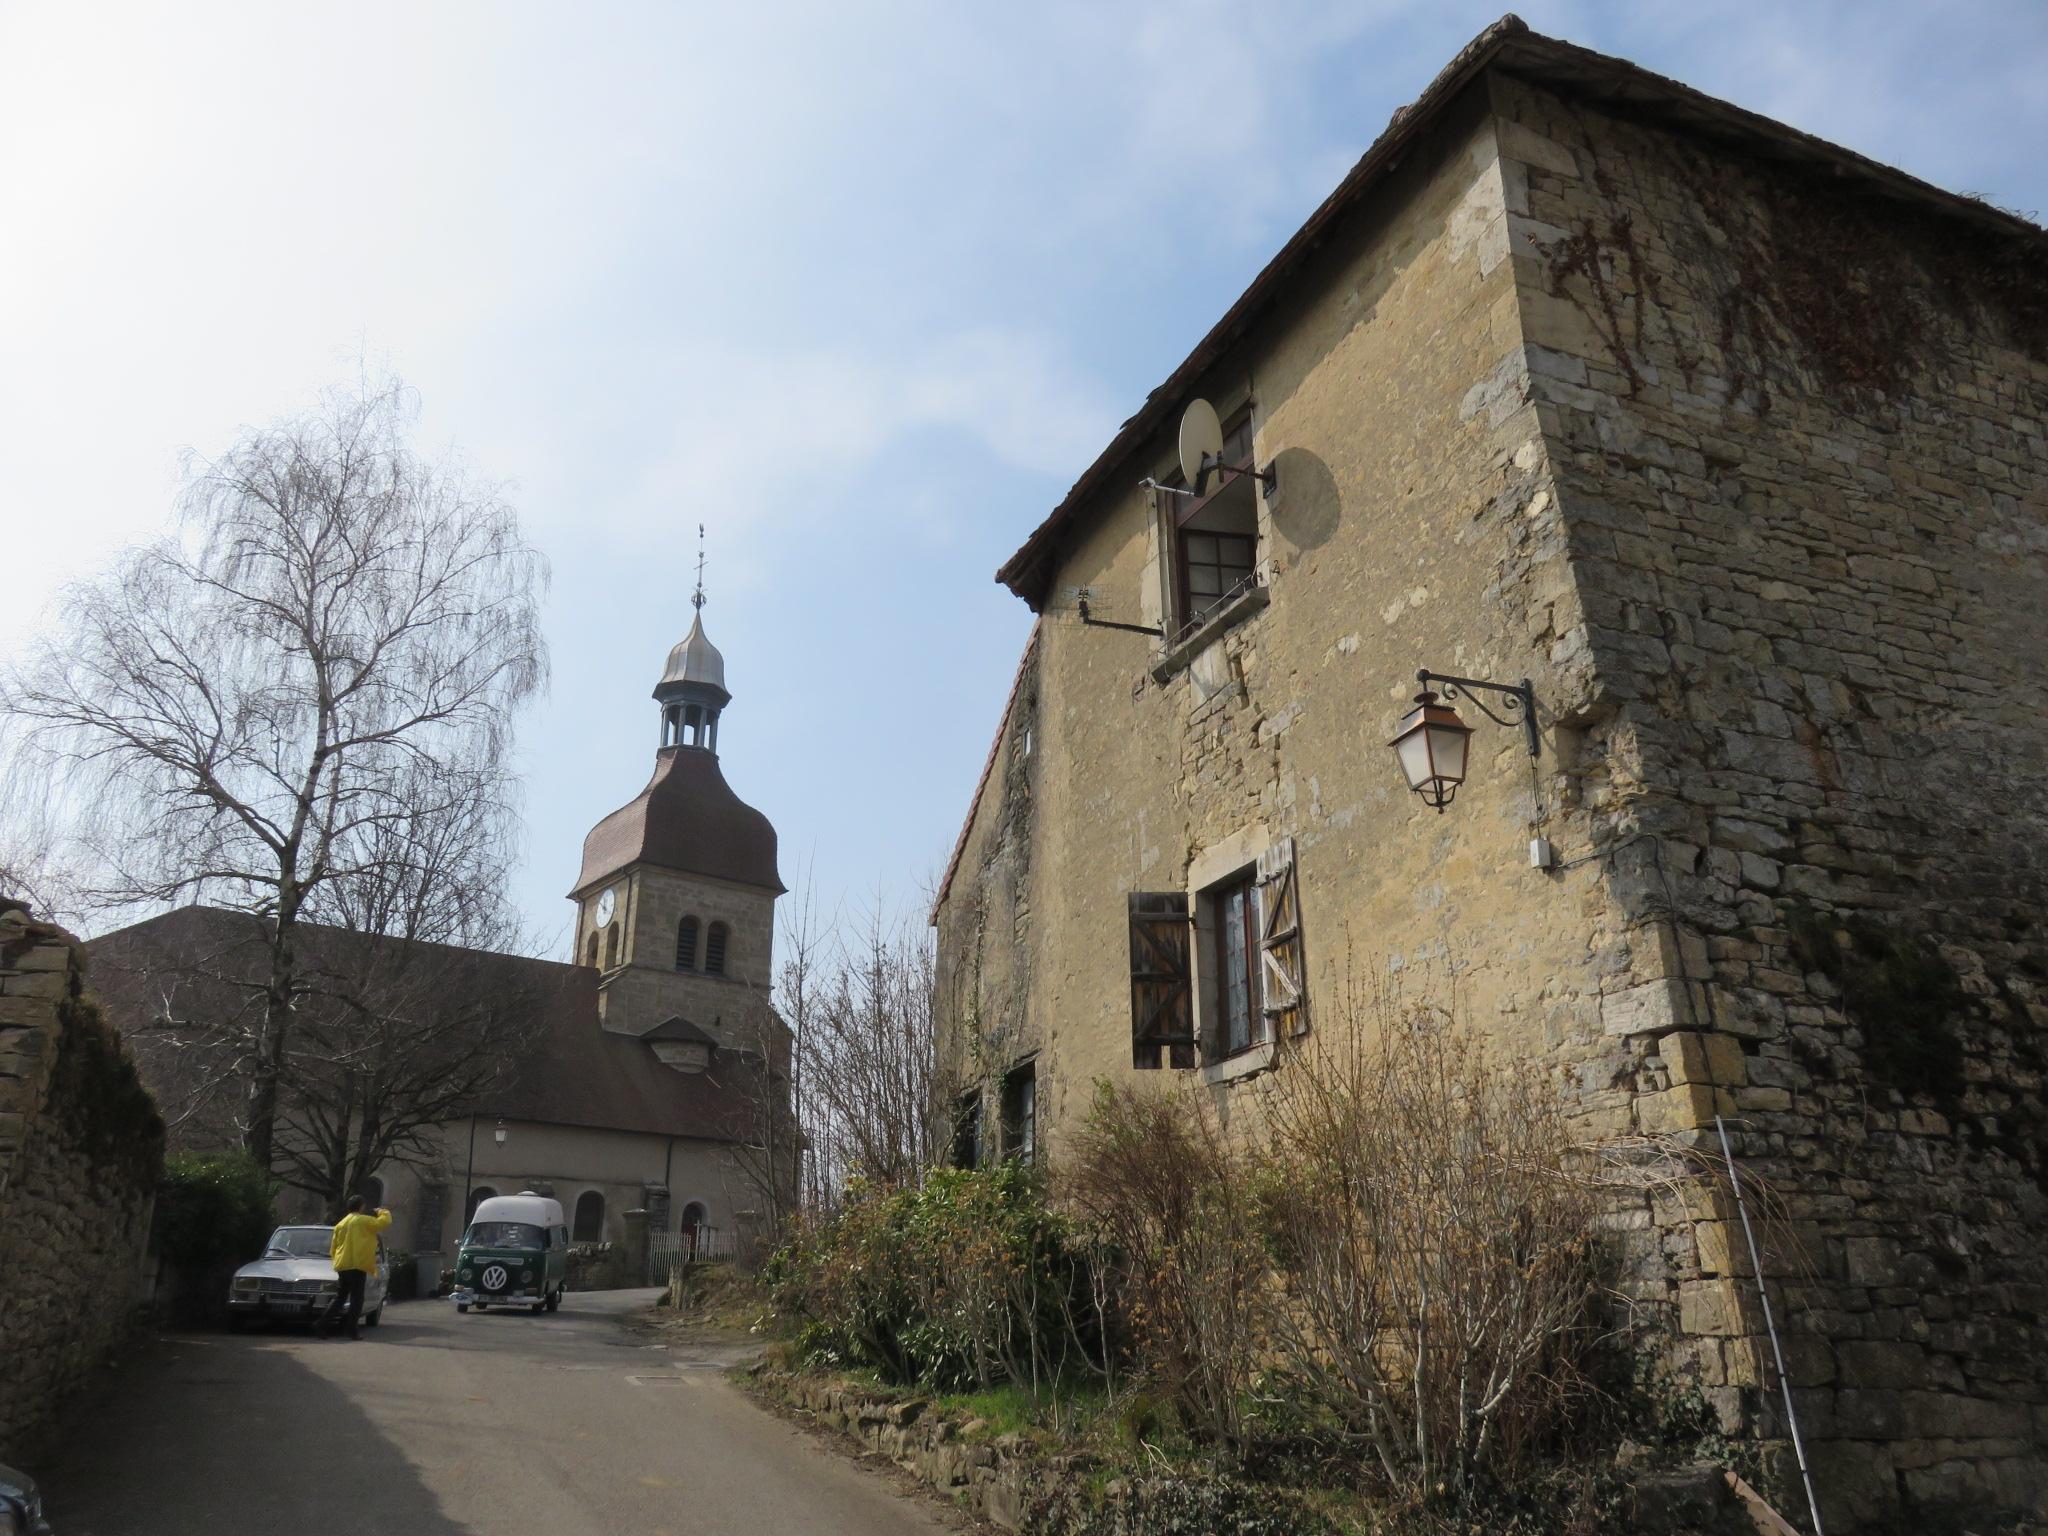 Le Château de Baume, dit prieuré de Saint-Lothain